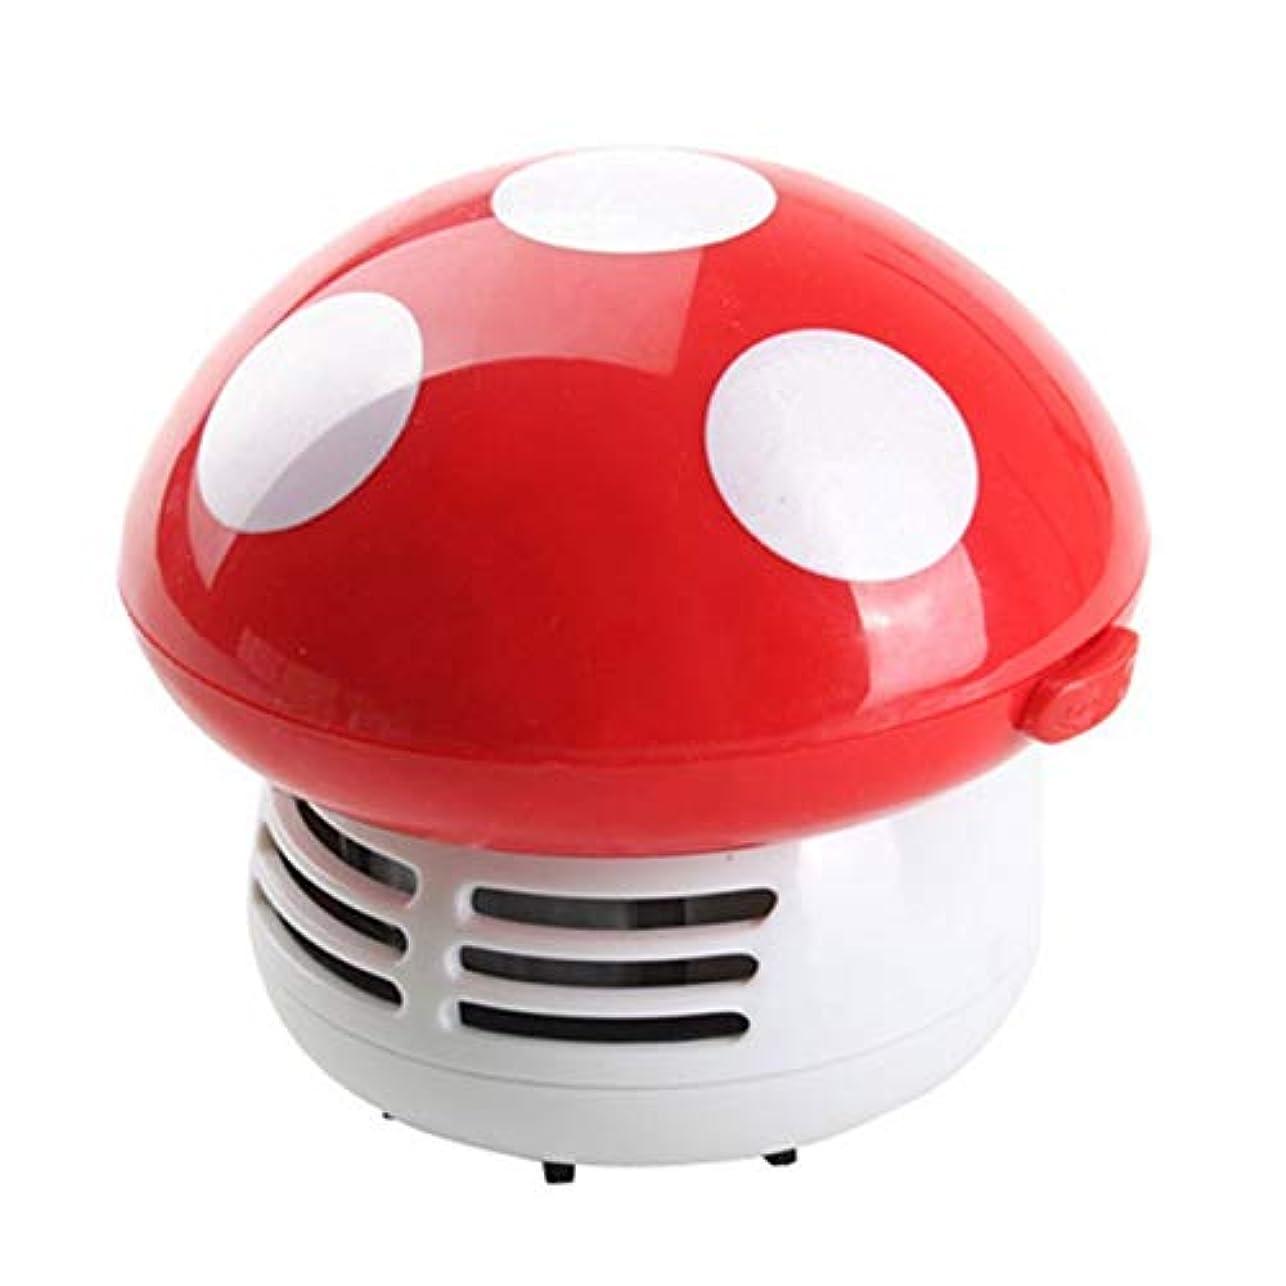 接辞賭け体Saikogoods ミニ きのこ デスククリーナー 掃除機 カー家庭用コンピュータのためのかわいい コーナーデスクテーブルクリーナー 集塵機 スイーパー 赤